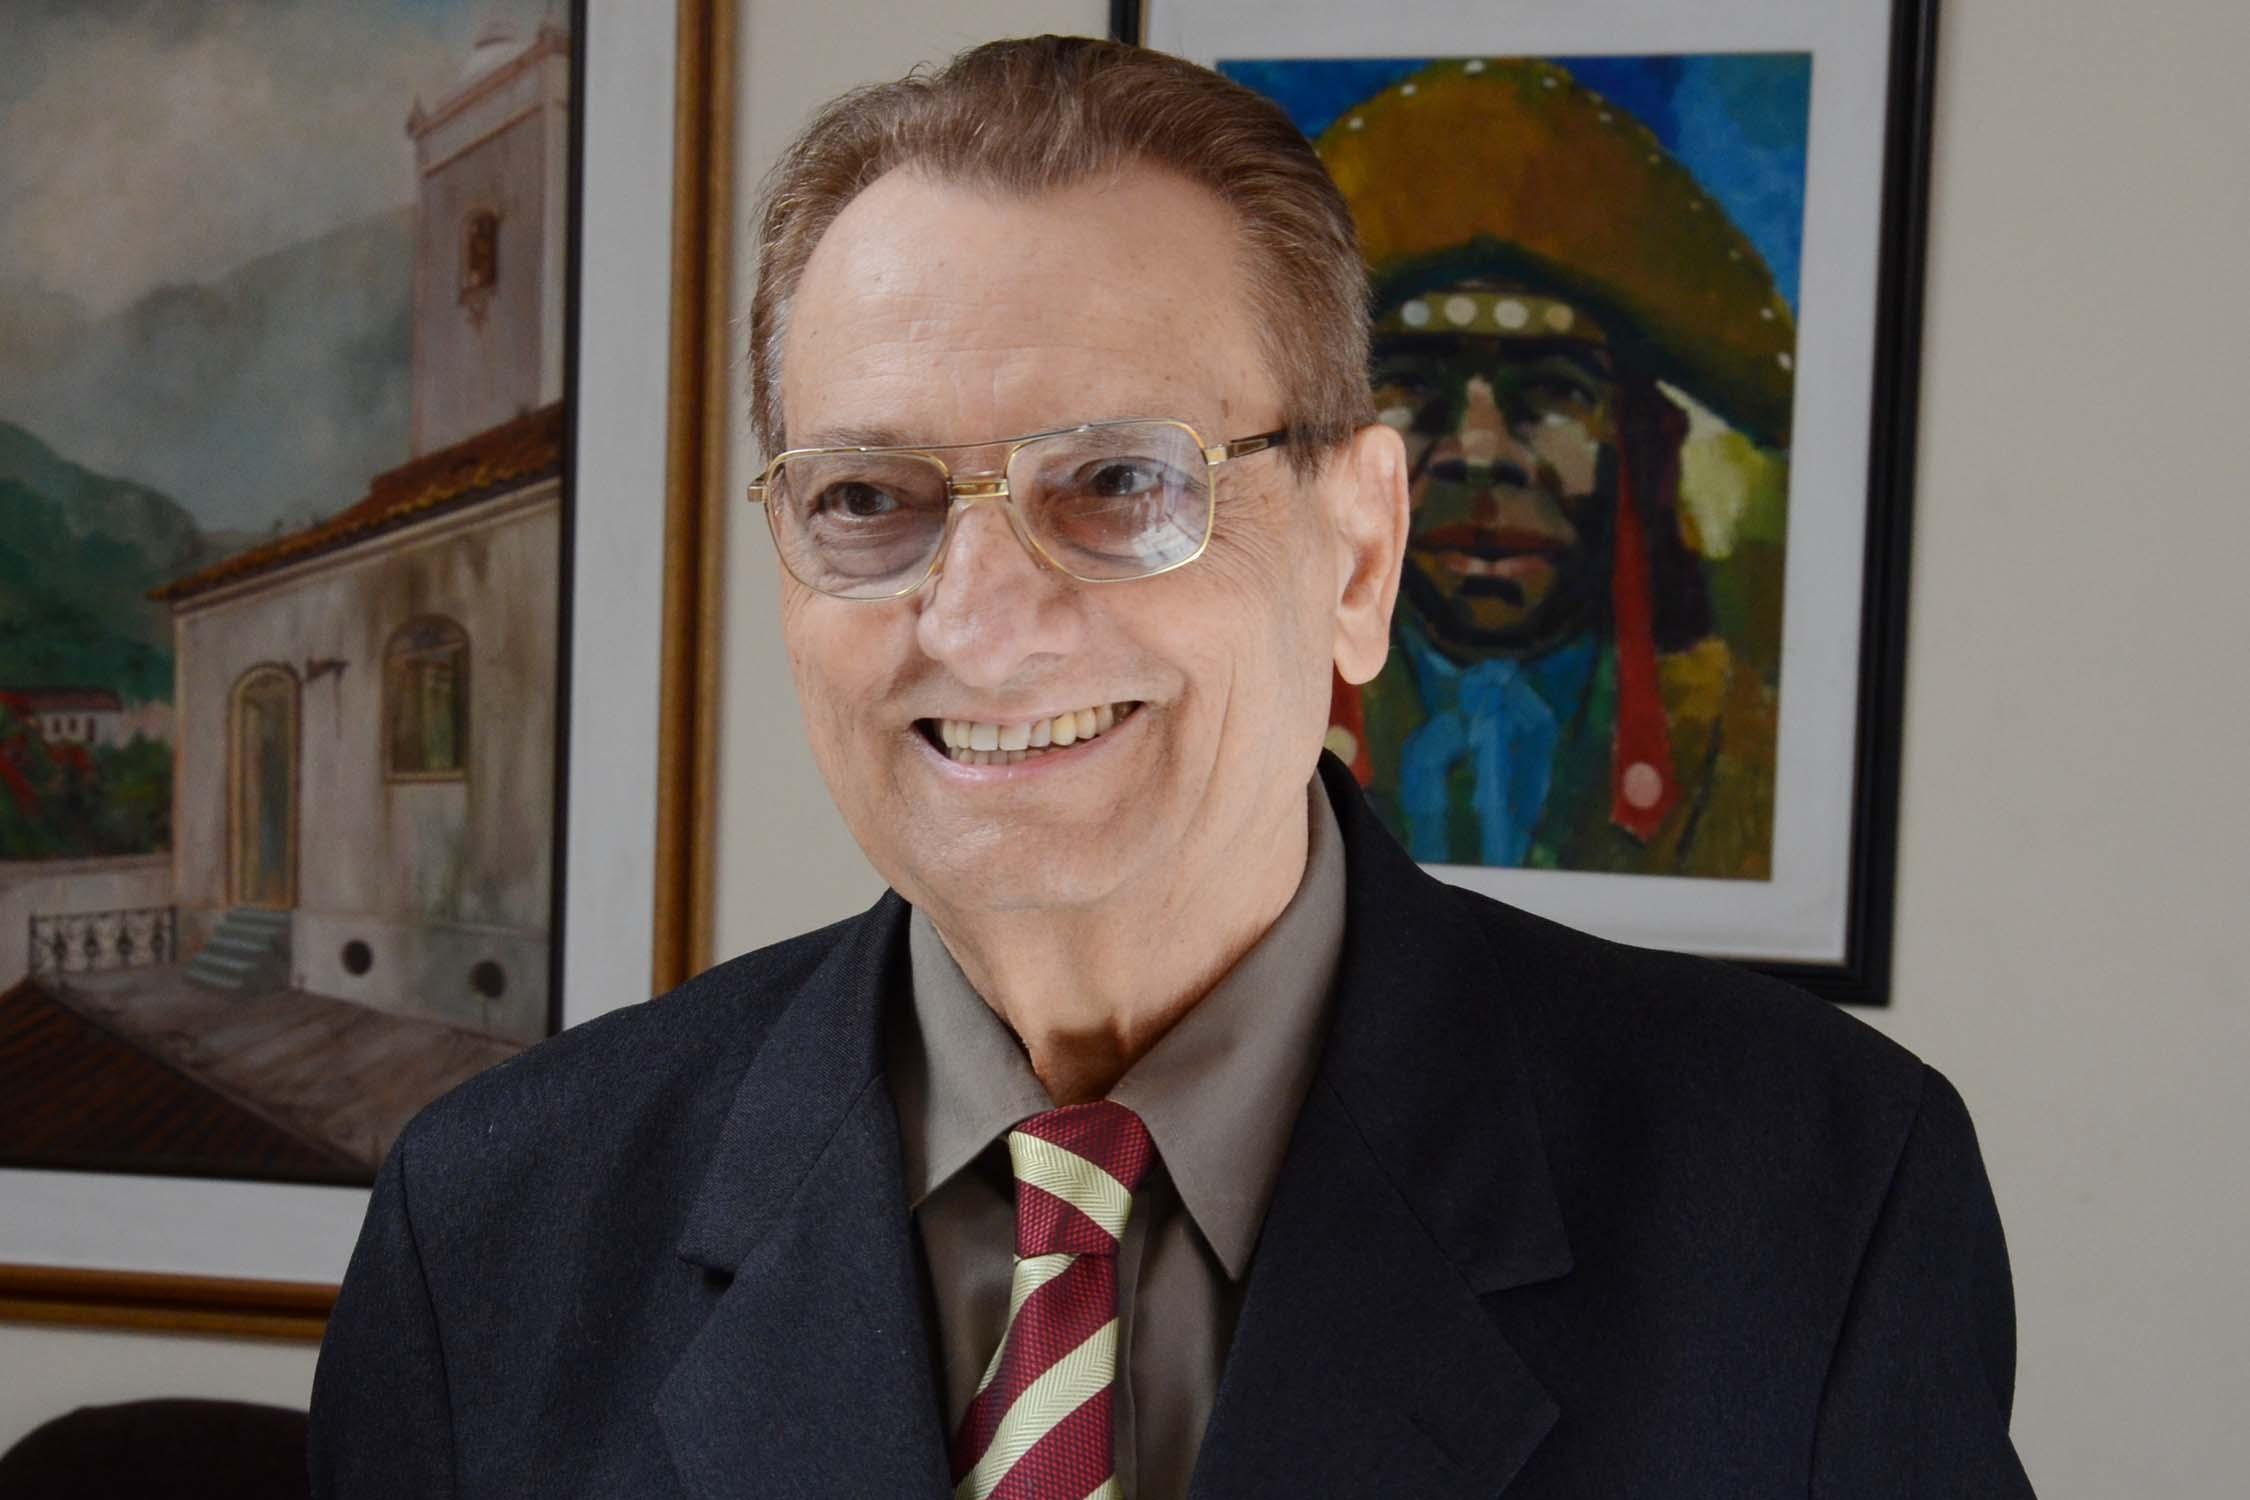 Morre criador do método APAC, Dr. Mario Ottoboni